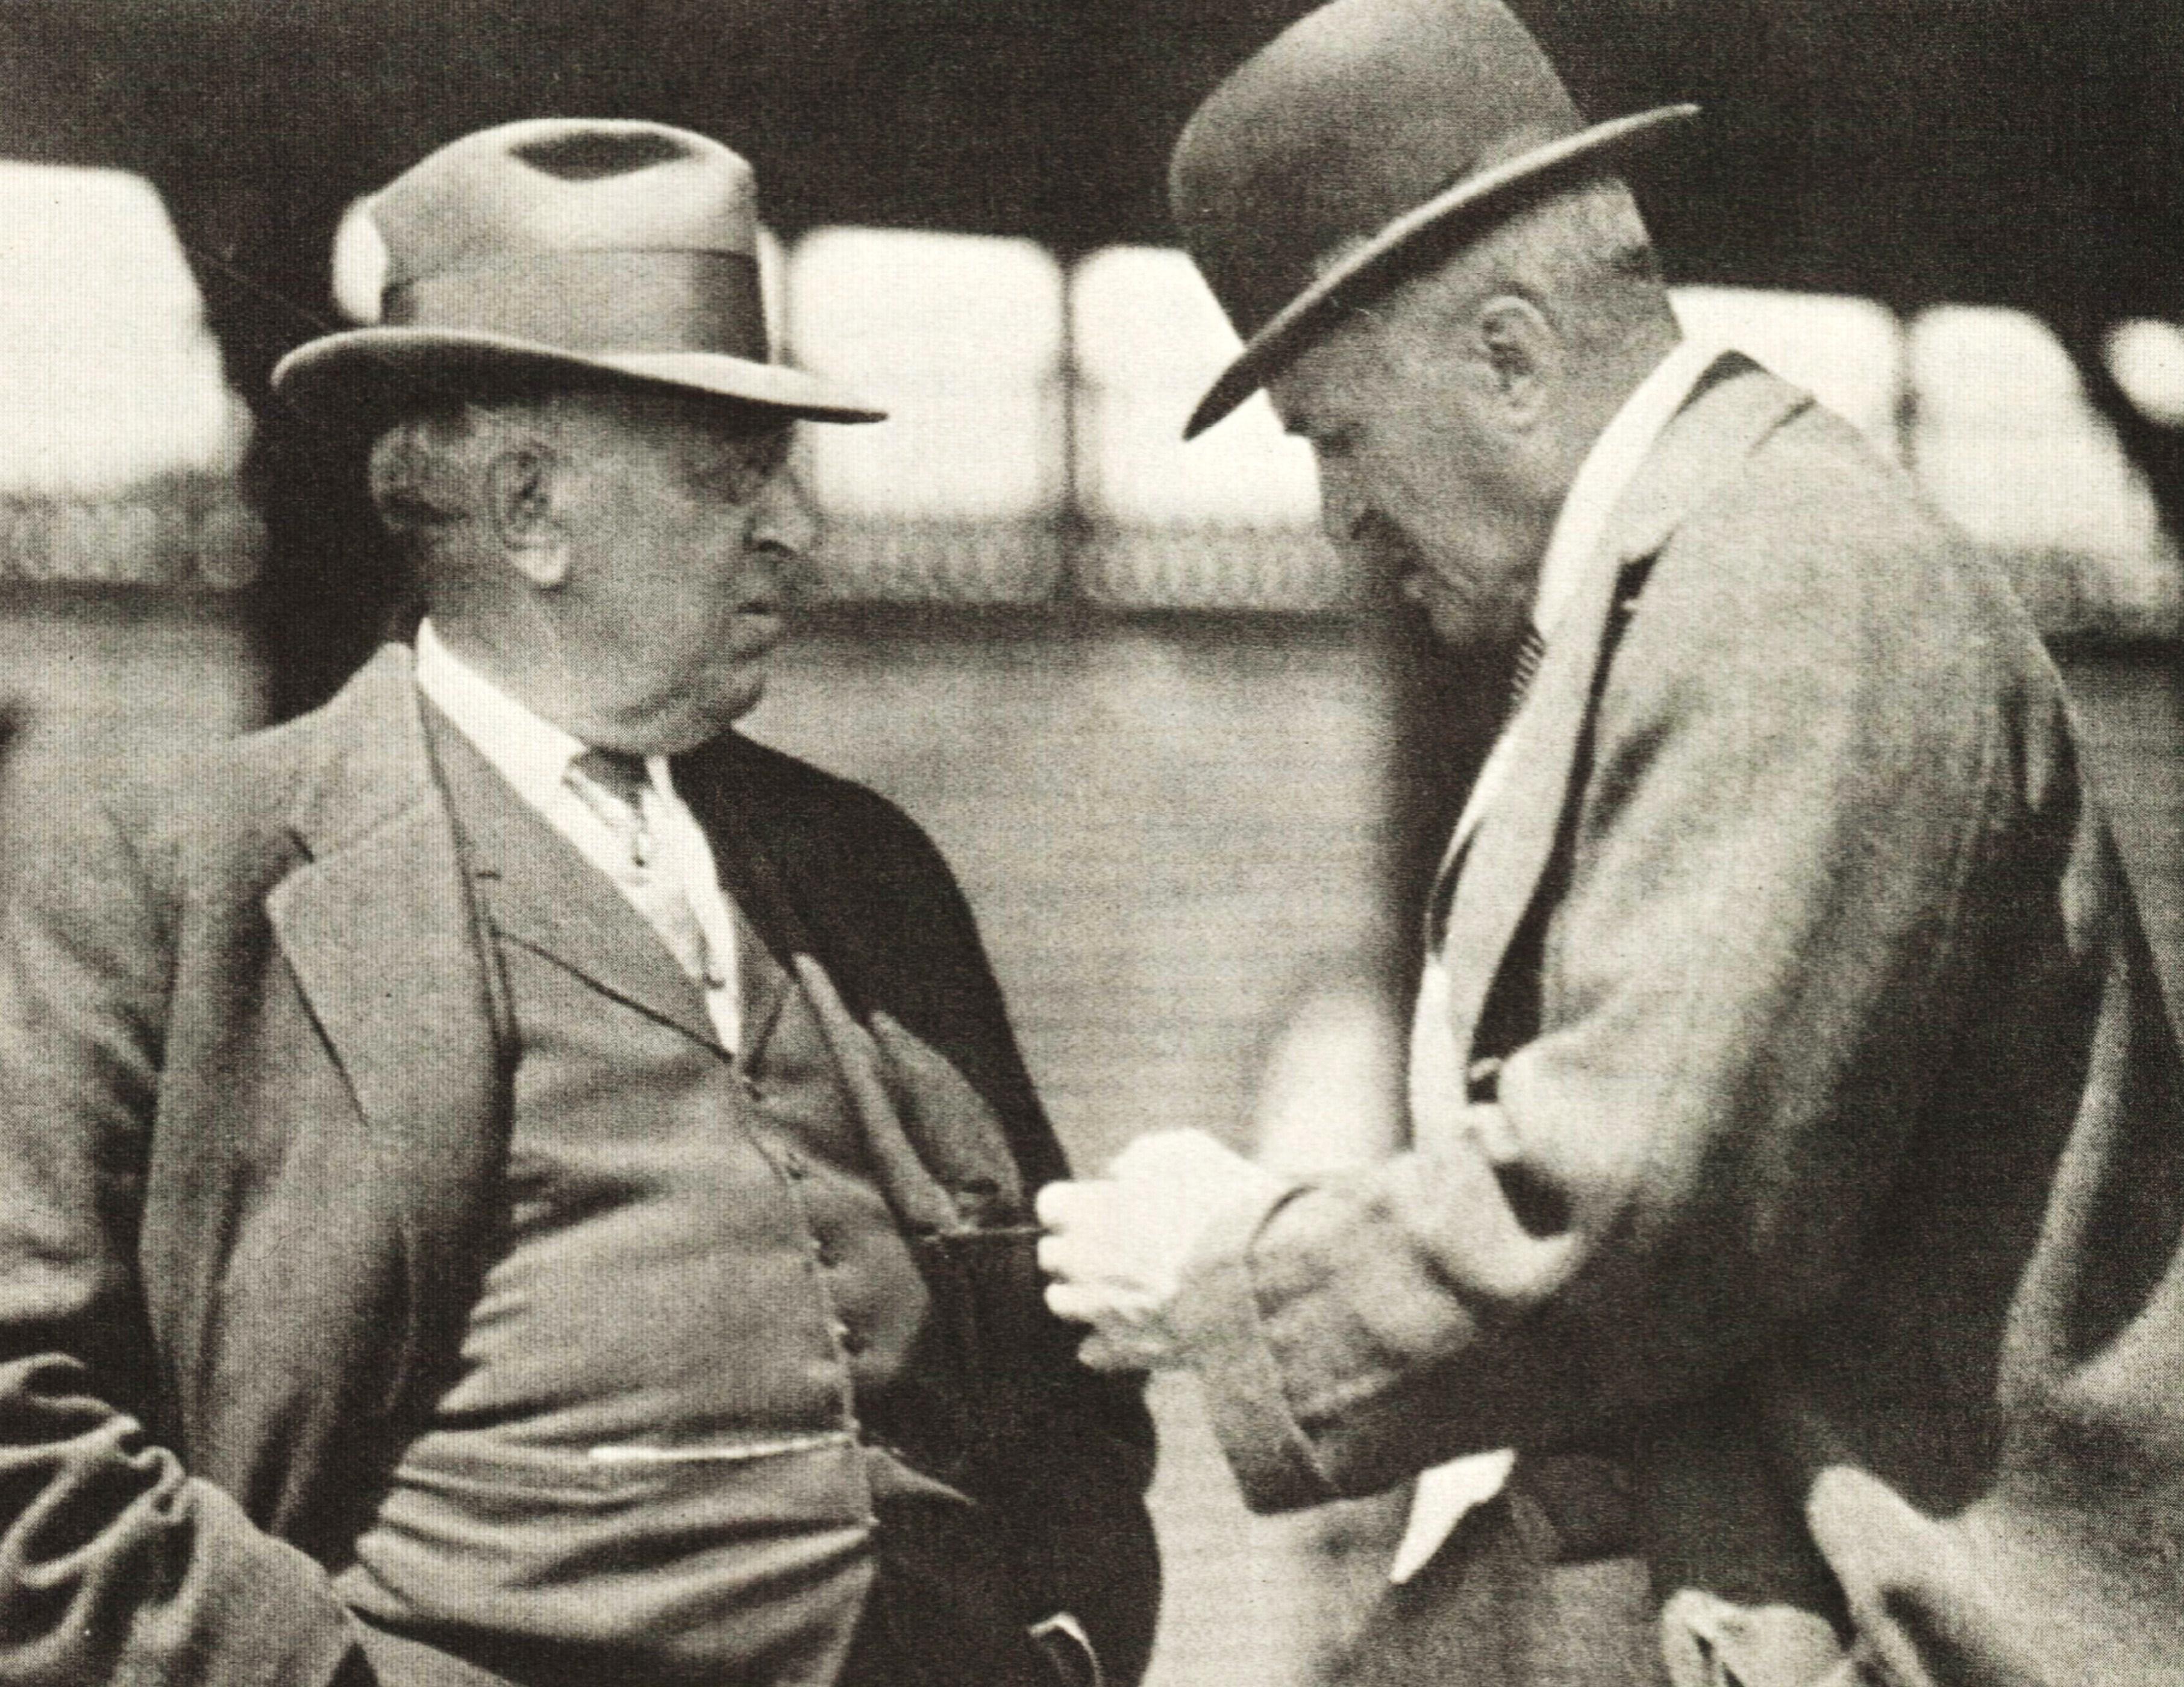 Andrew J. Joyner, left, and John E. Madden (Museum Collection)